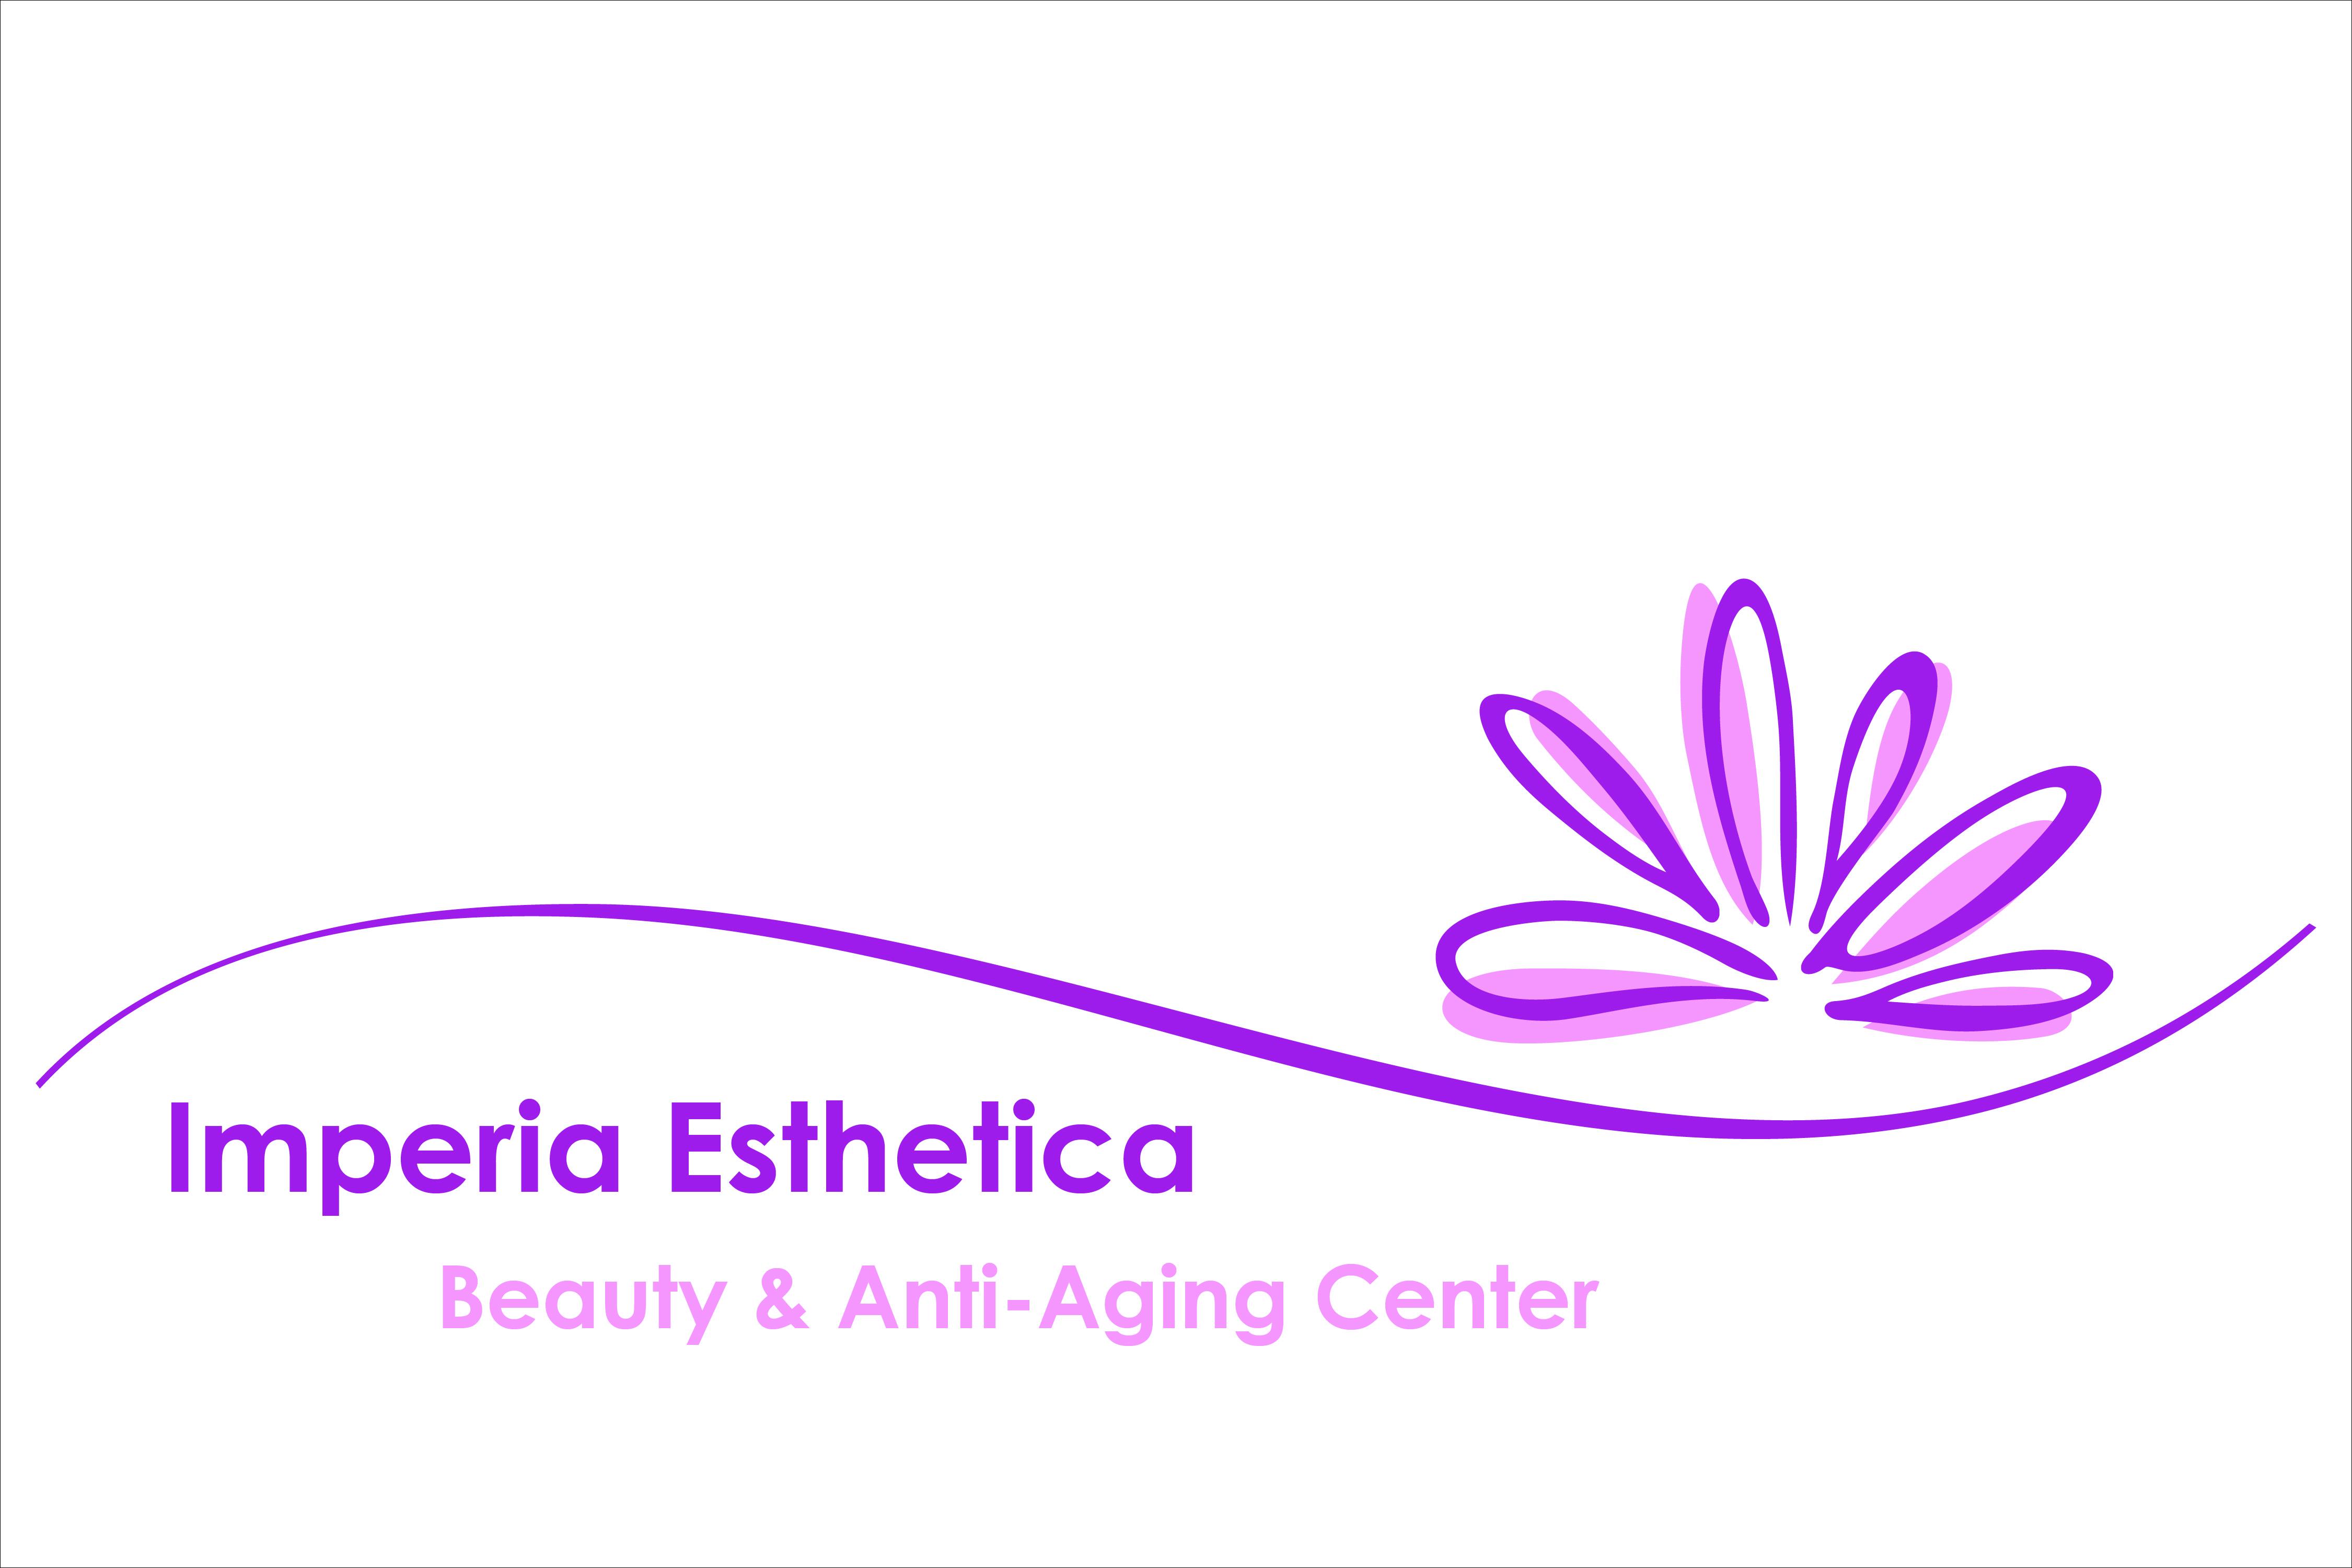 Logo van Imperia Esthetica Schoonheidsinstituut